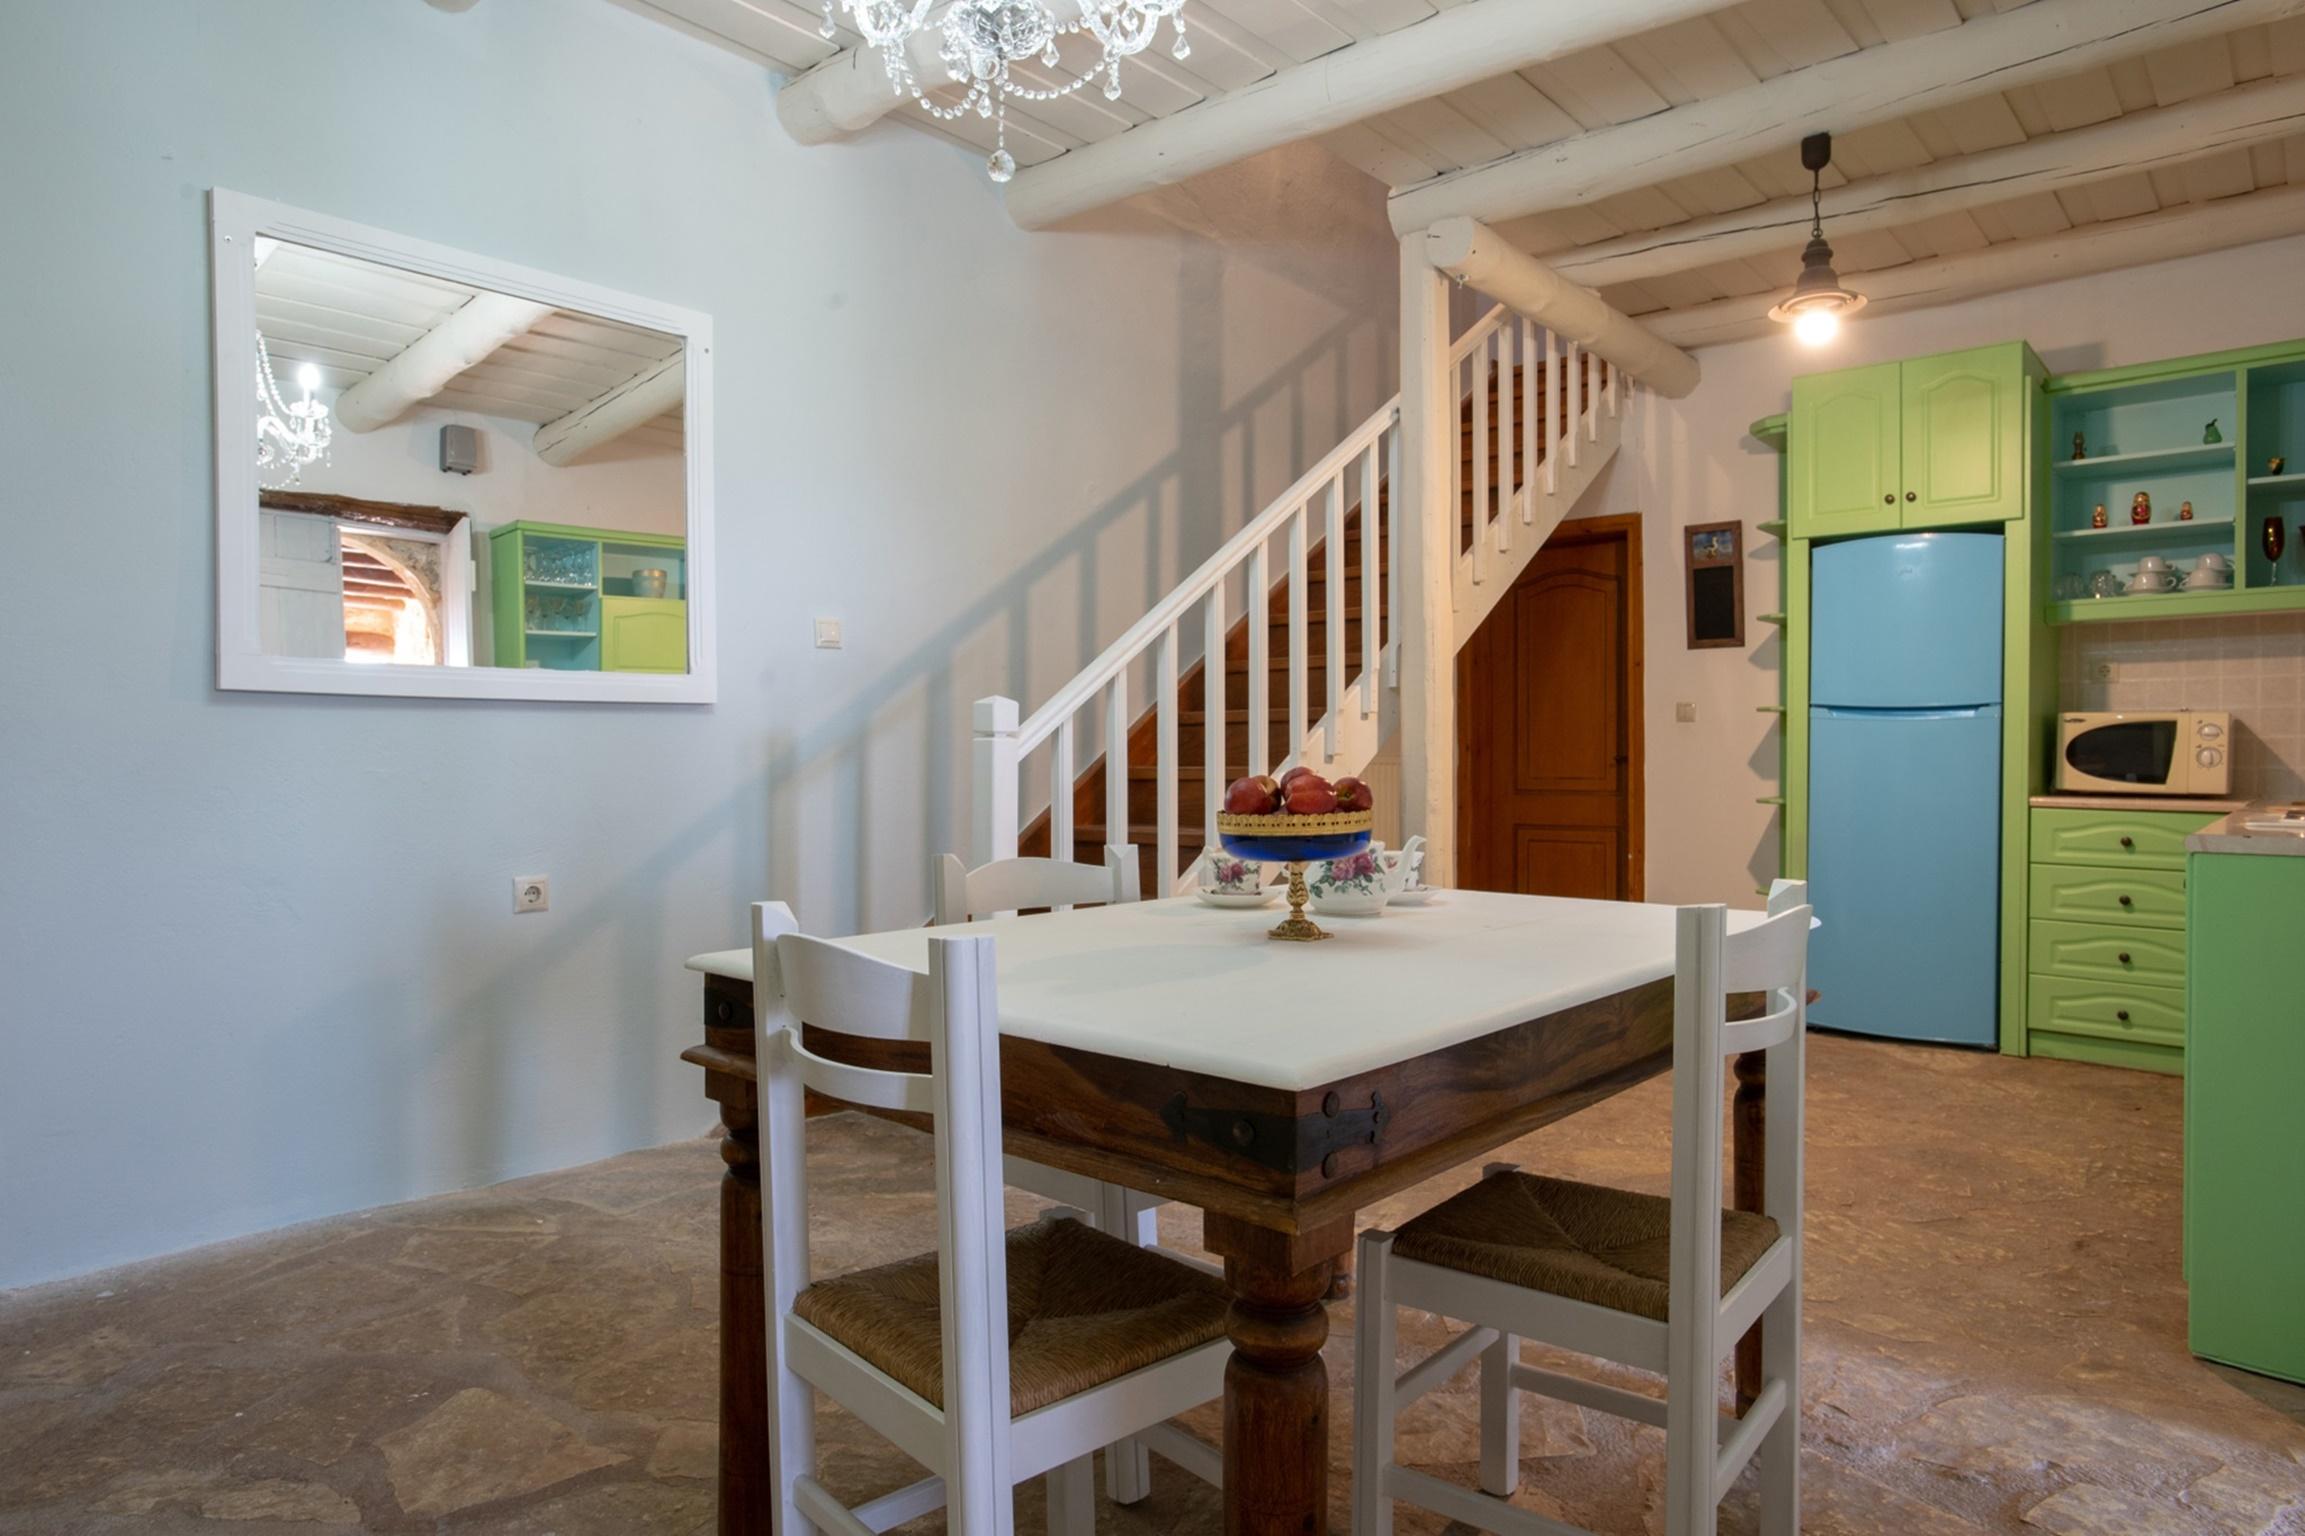 Ferienhaus Haus und Studio annektiert - Ideal groe Familien - kleines Dorf, nahe Strnde (2598996), Neon Khorion Kriti, Kreta Nordküste, Kreta, Griechenland, Bild 10